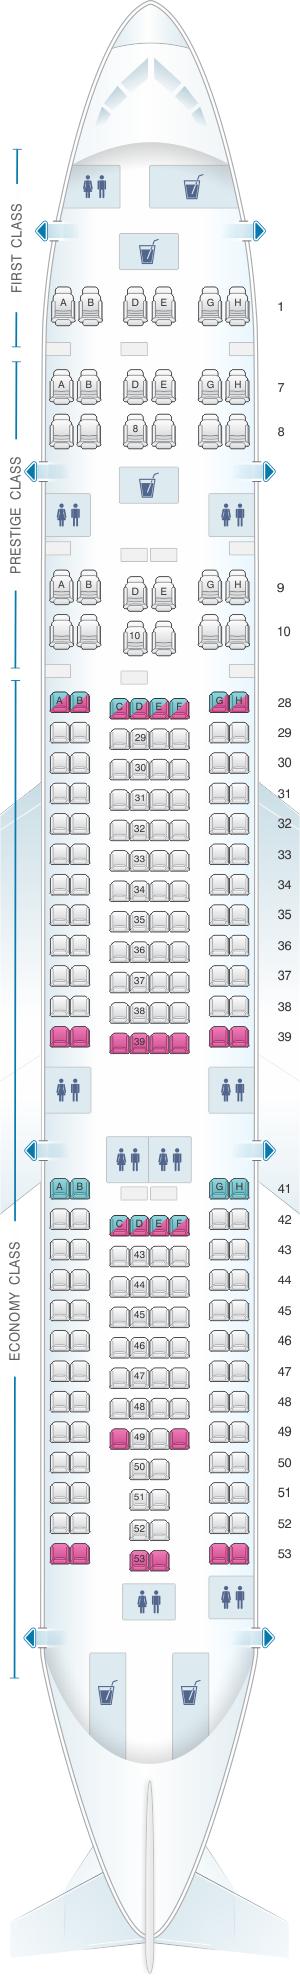 Seat Map Korean Air Airbus A330 200 218pax